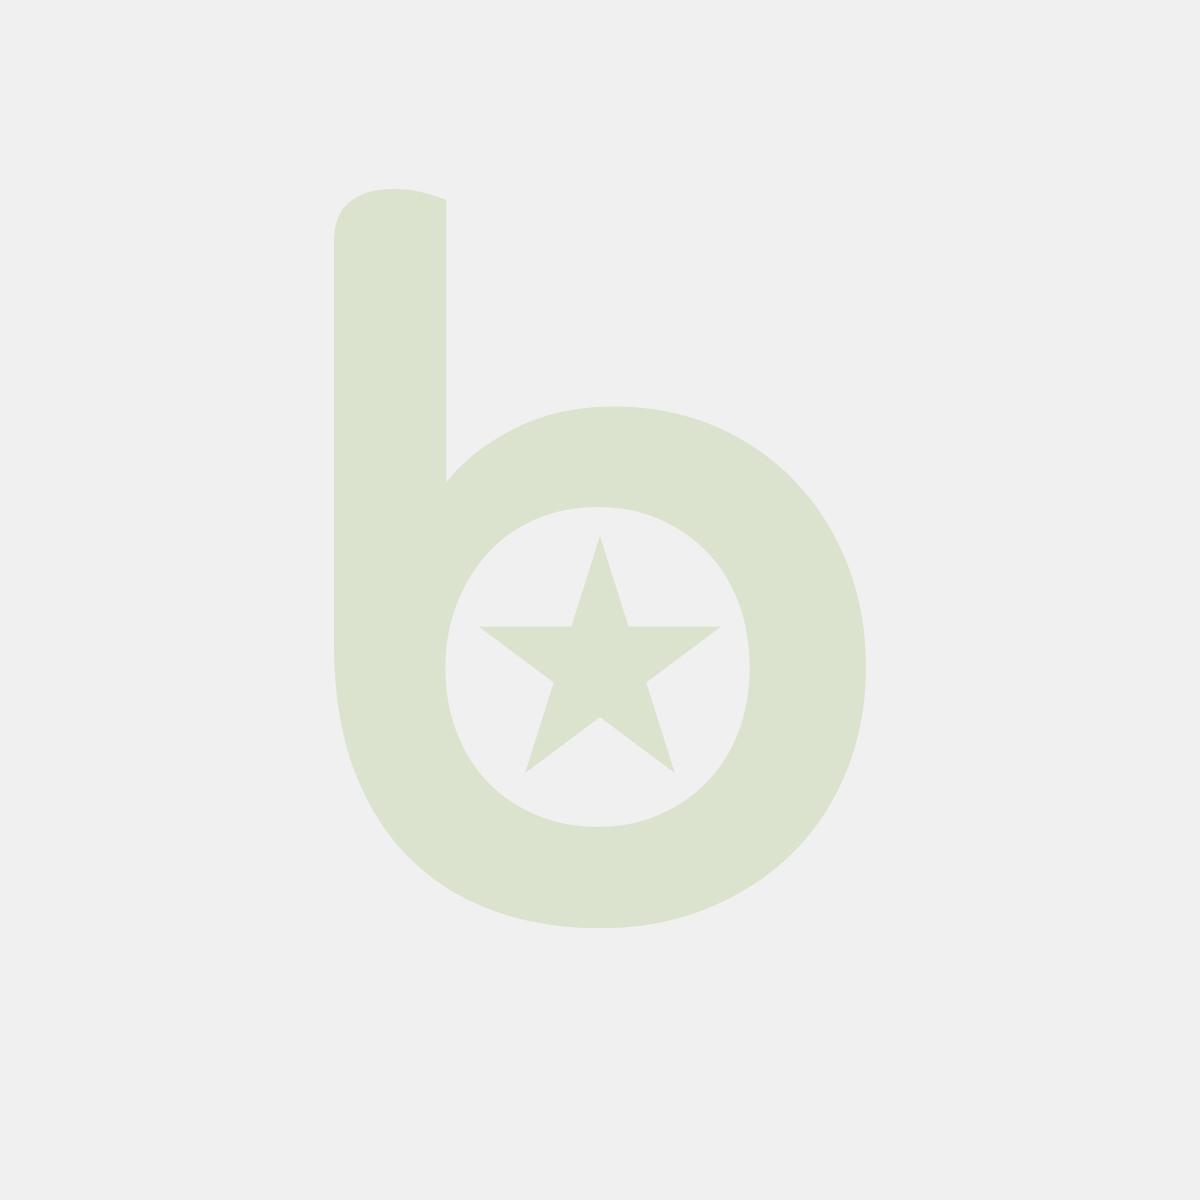 Serwetki PAPSTAR Royal Collection ORNAMENTS 40x40 szary opakowanie 50szt